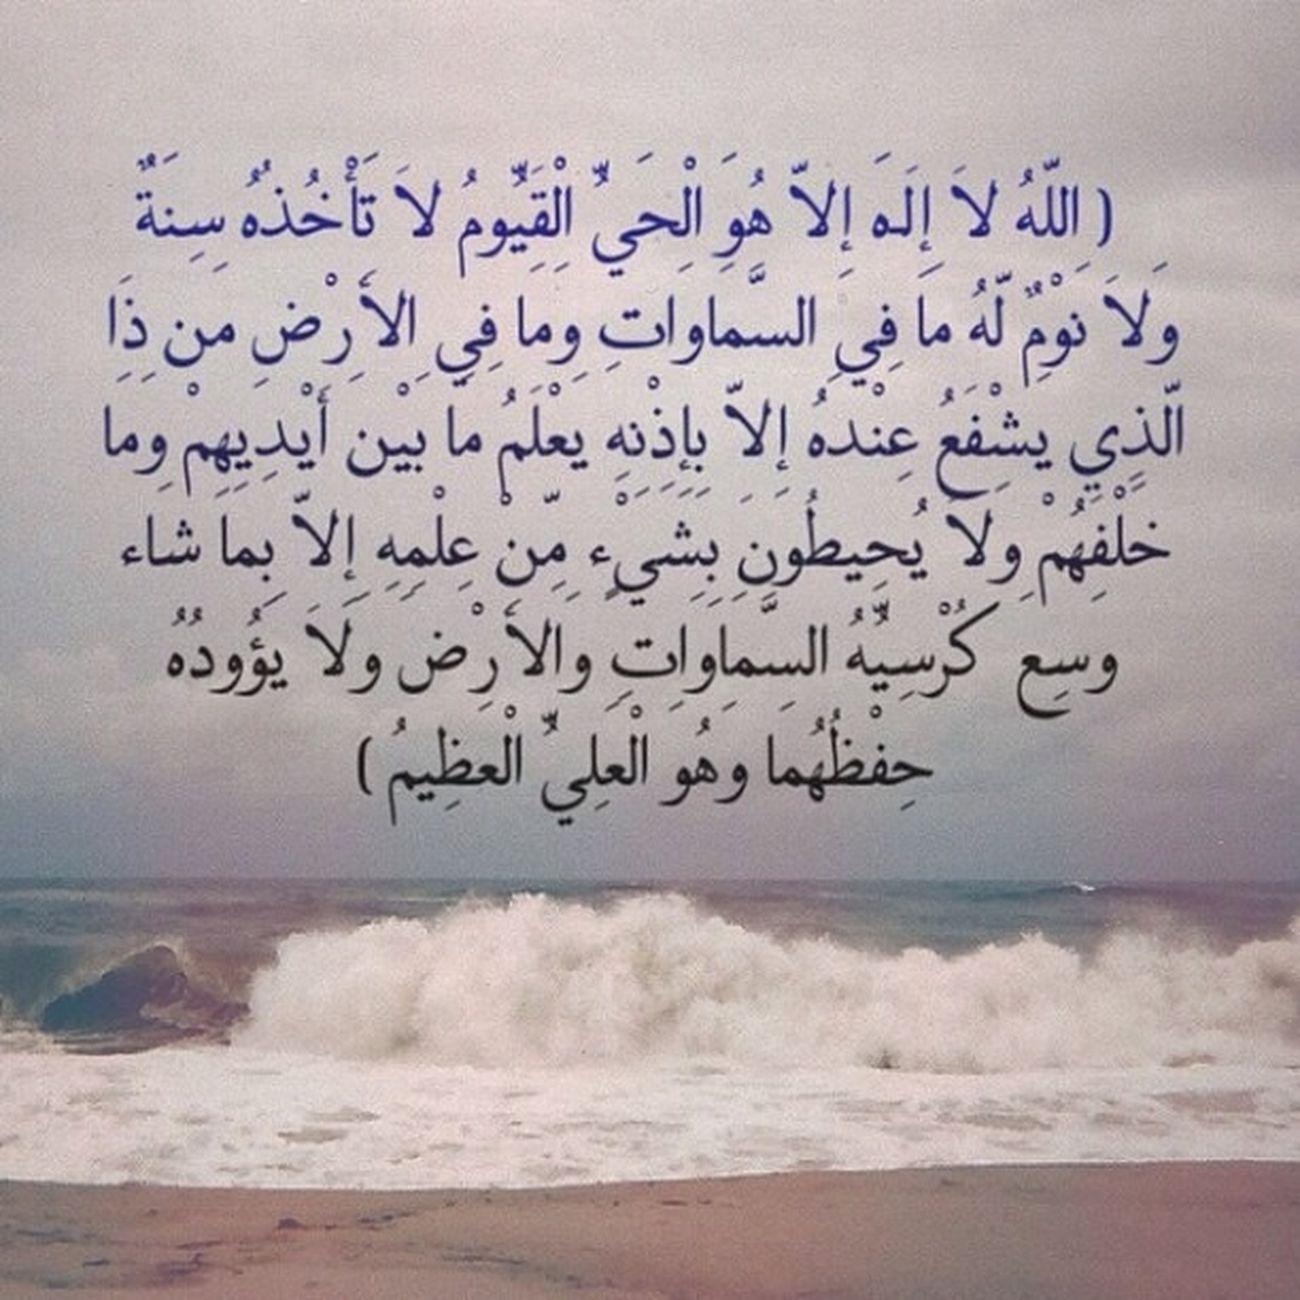 أية الكرسي Islam Quran KSA